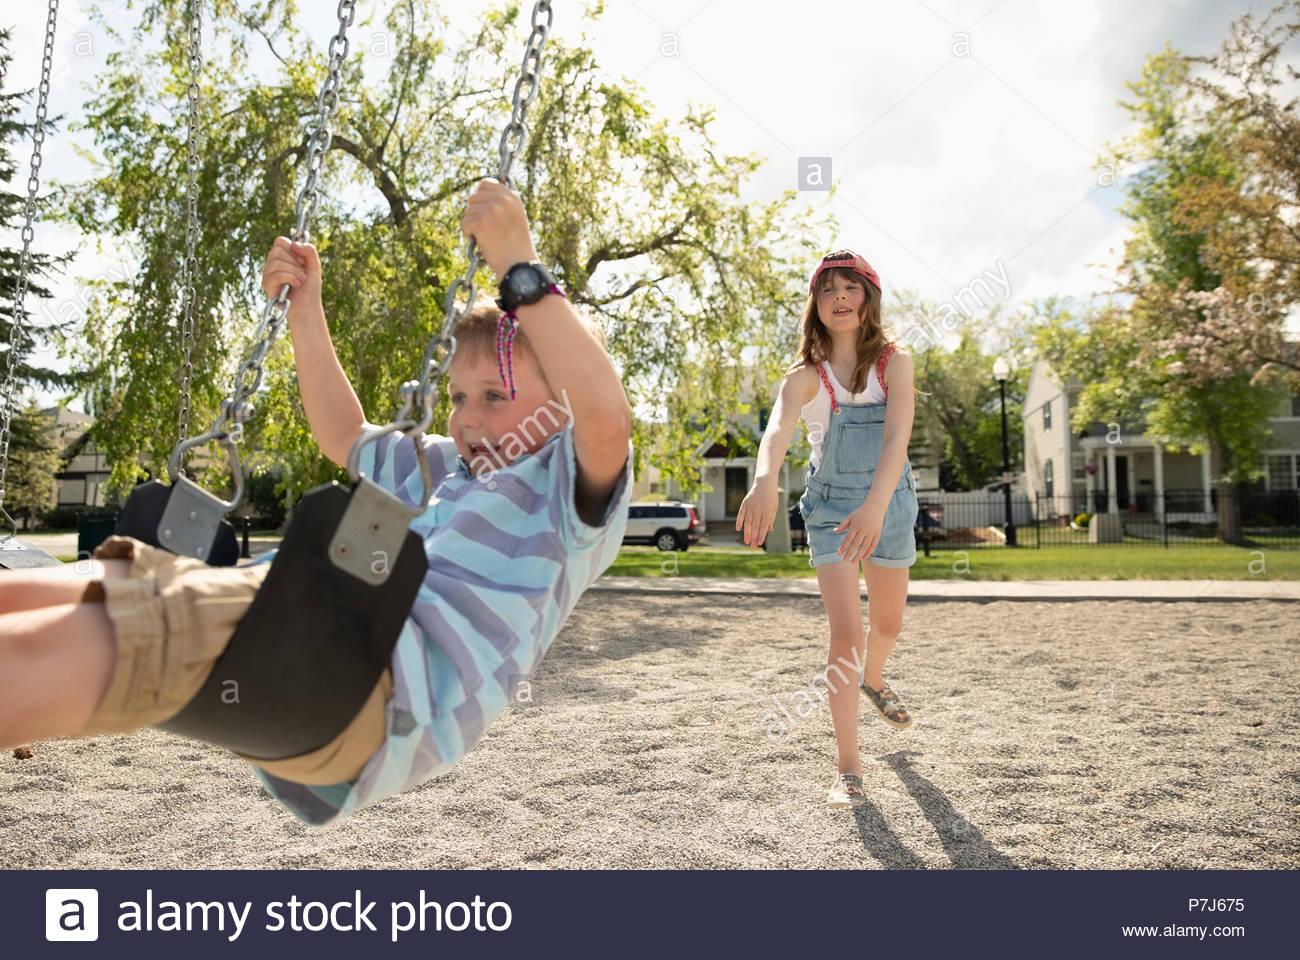 Soeur frère poussant sur swing en aire ensoleillée Photo Stock